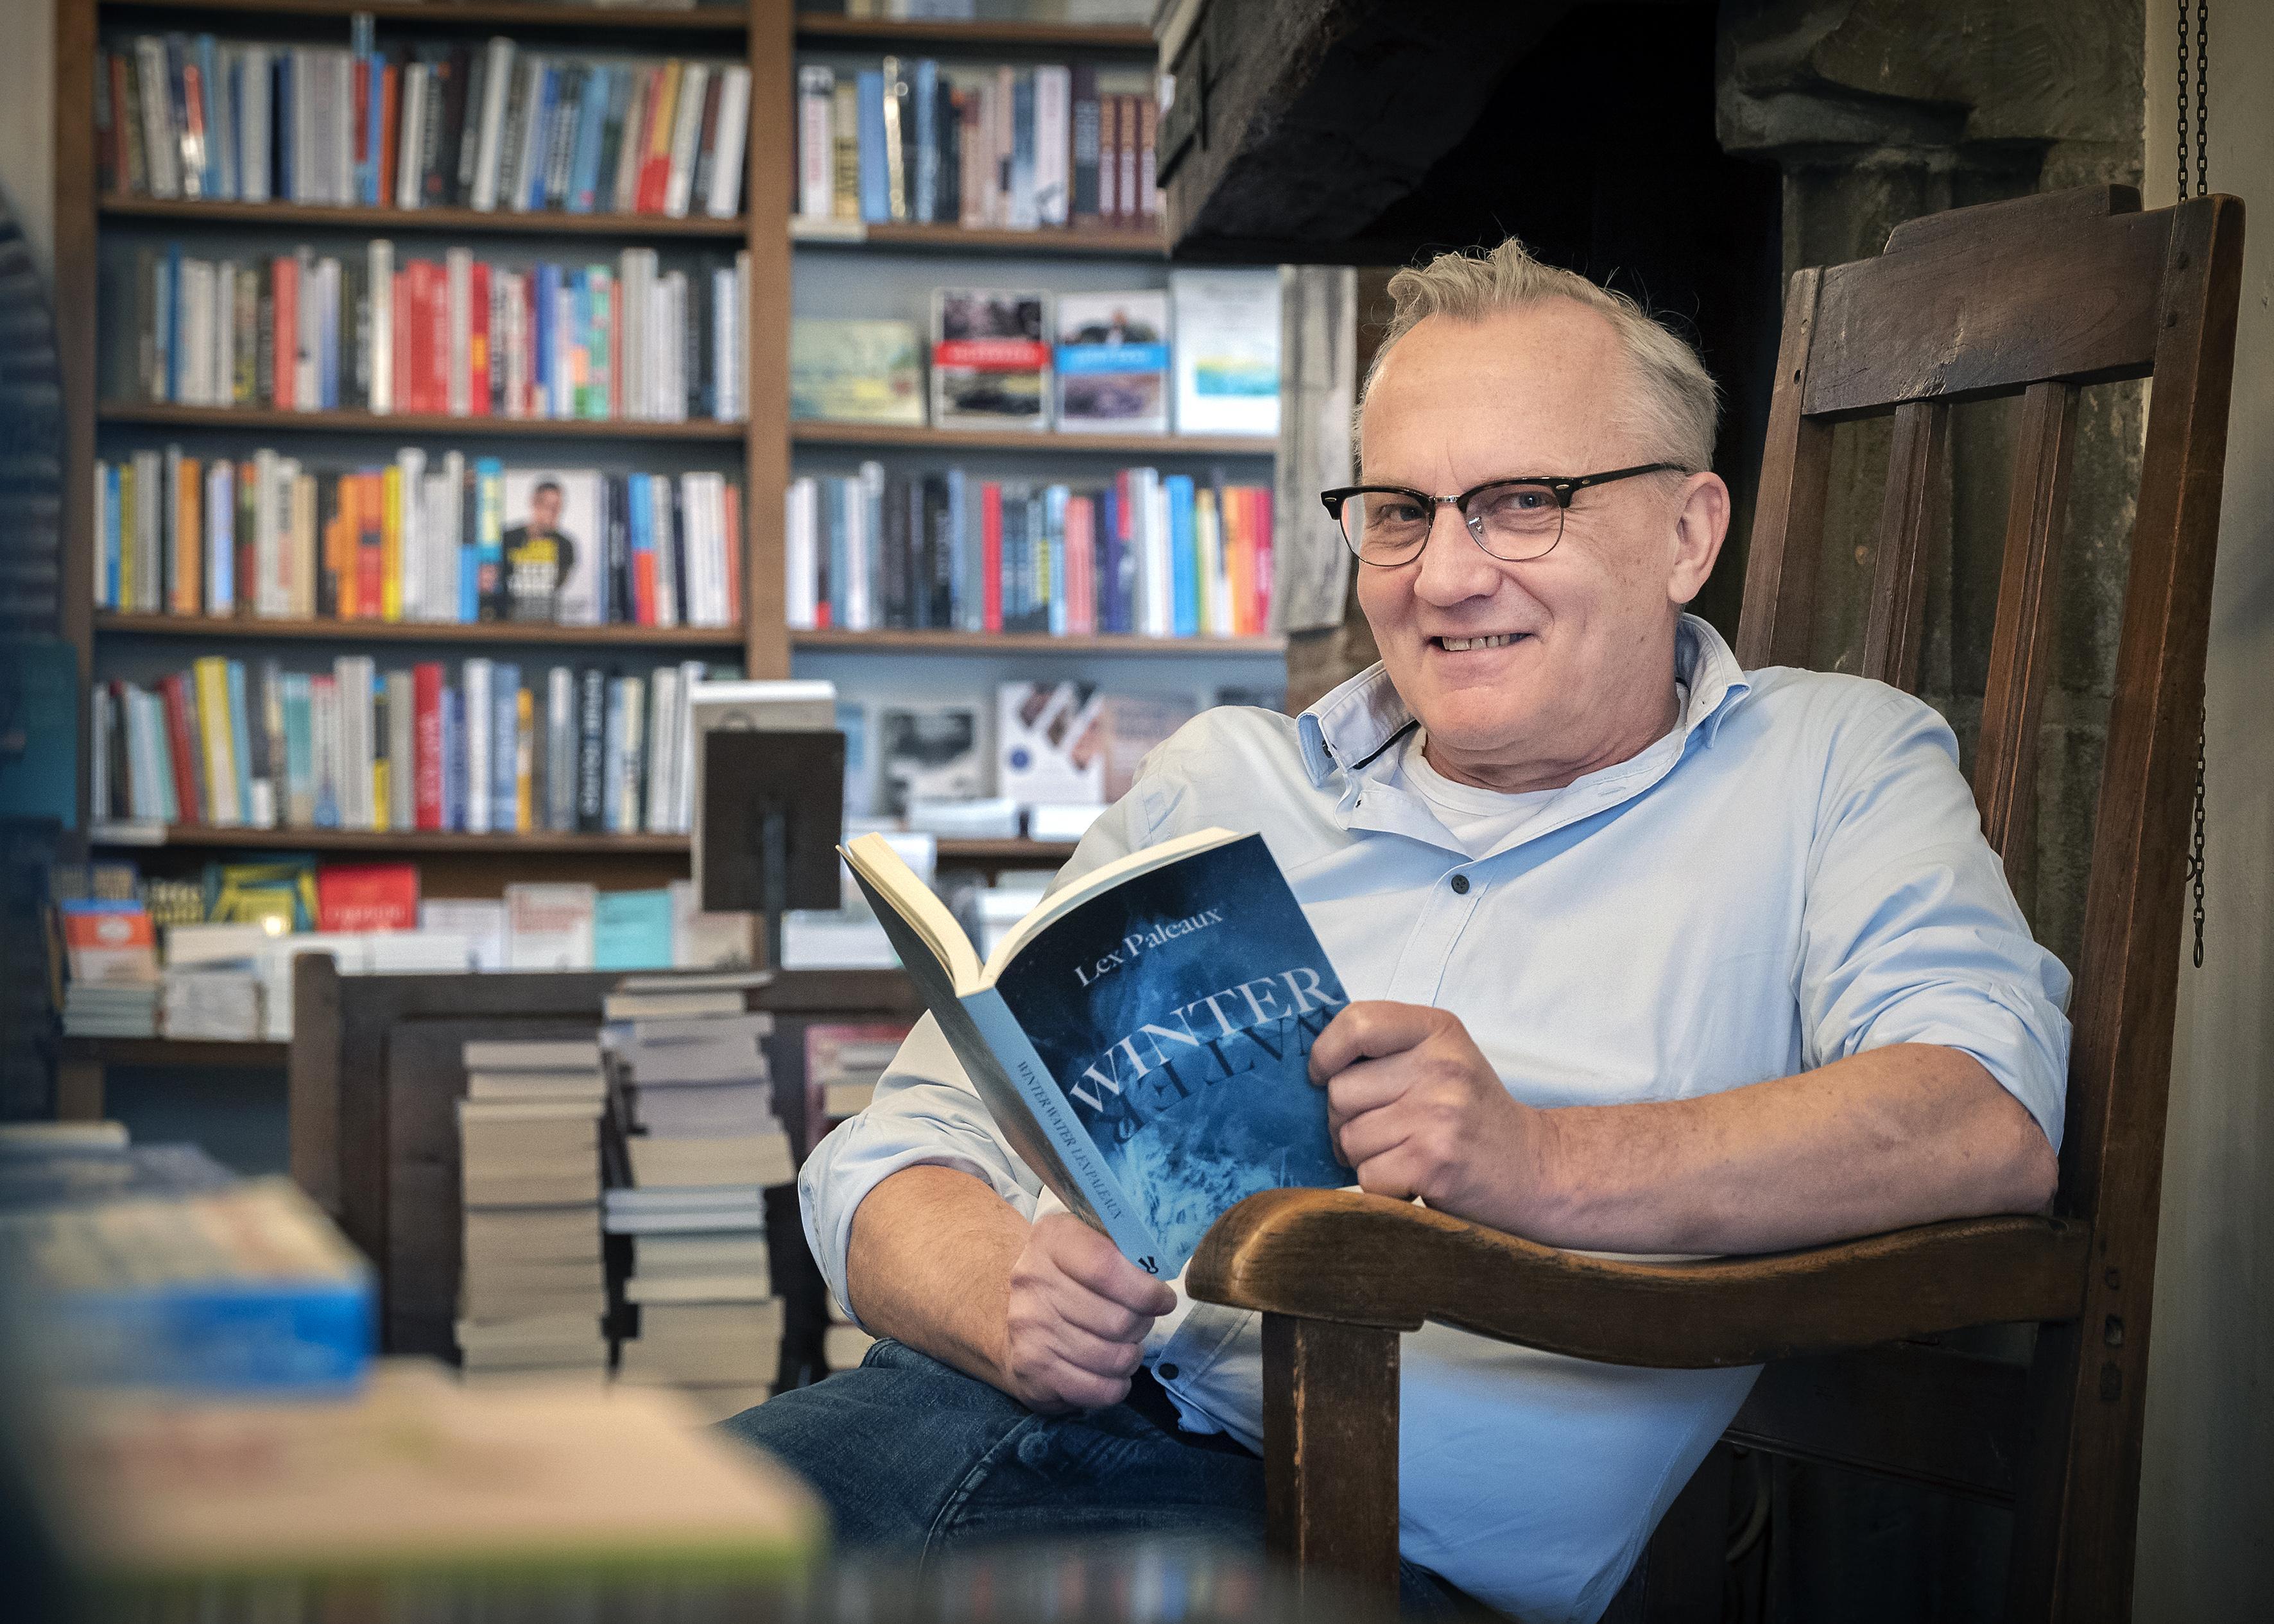 Aantrekkelijke, lezende mannen op het Facebookaccount van Haarlemse boekwinkelmanager Daan van der Valk